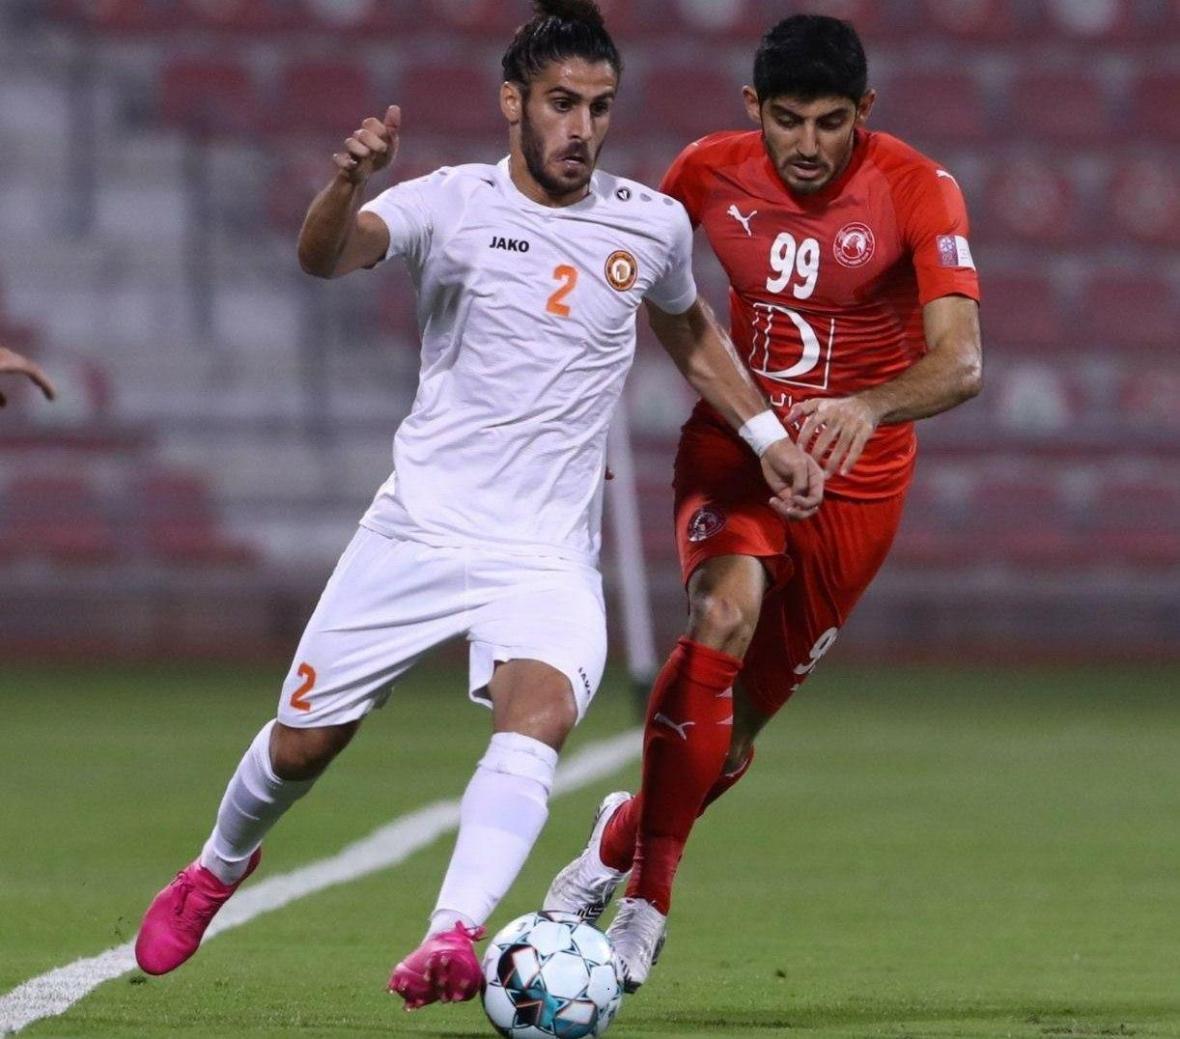 کوشش ترابی برای رسیدن به بازی نیمه نهایی امیرکاپ قطر مقابل مرخیا